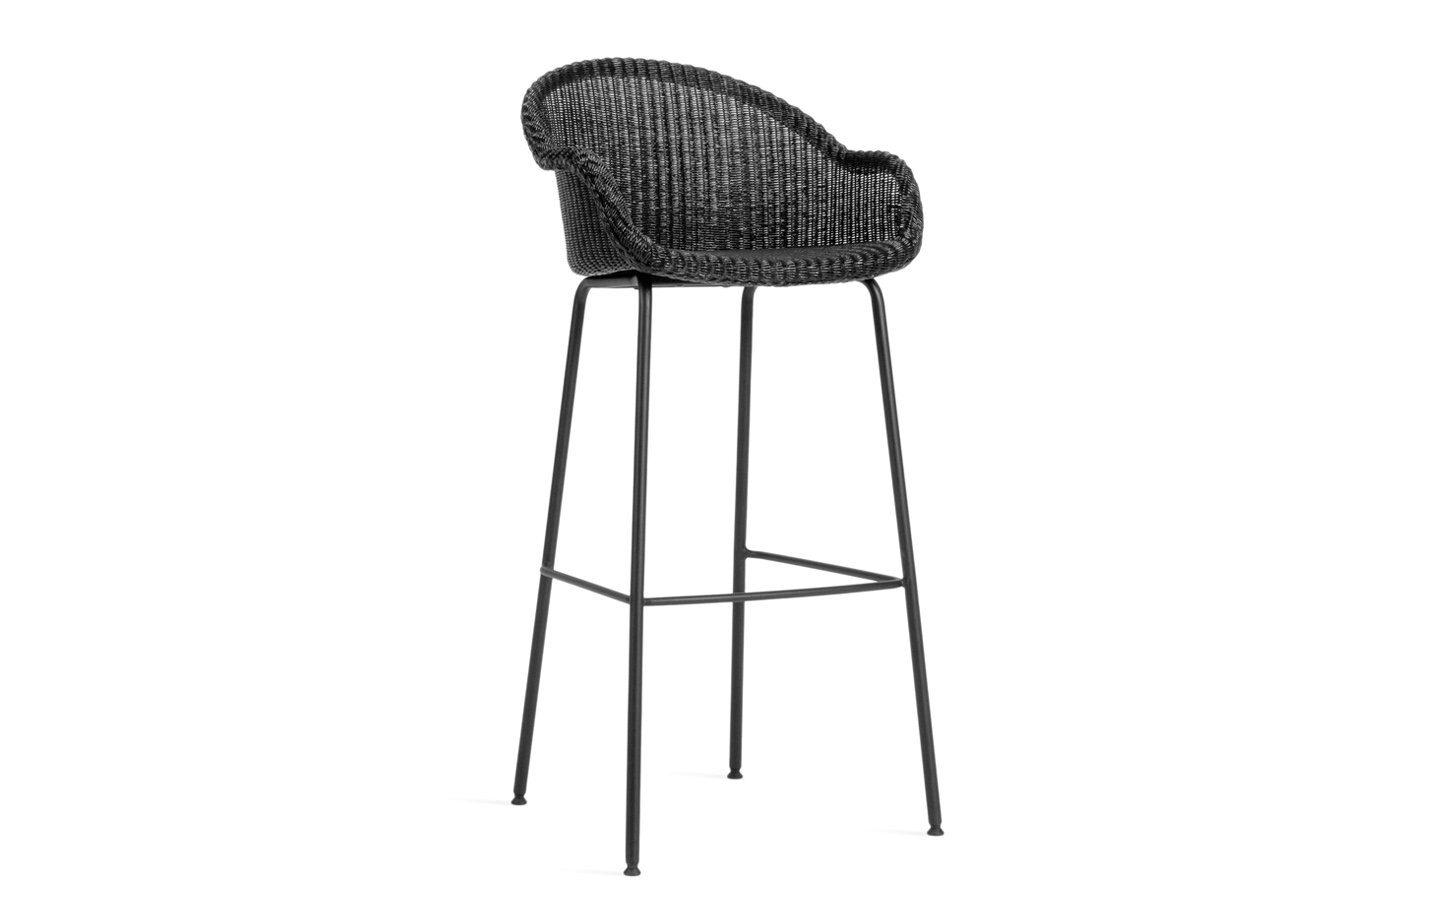 Avril-bar-stool-steel-base-01